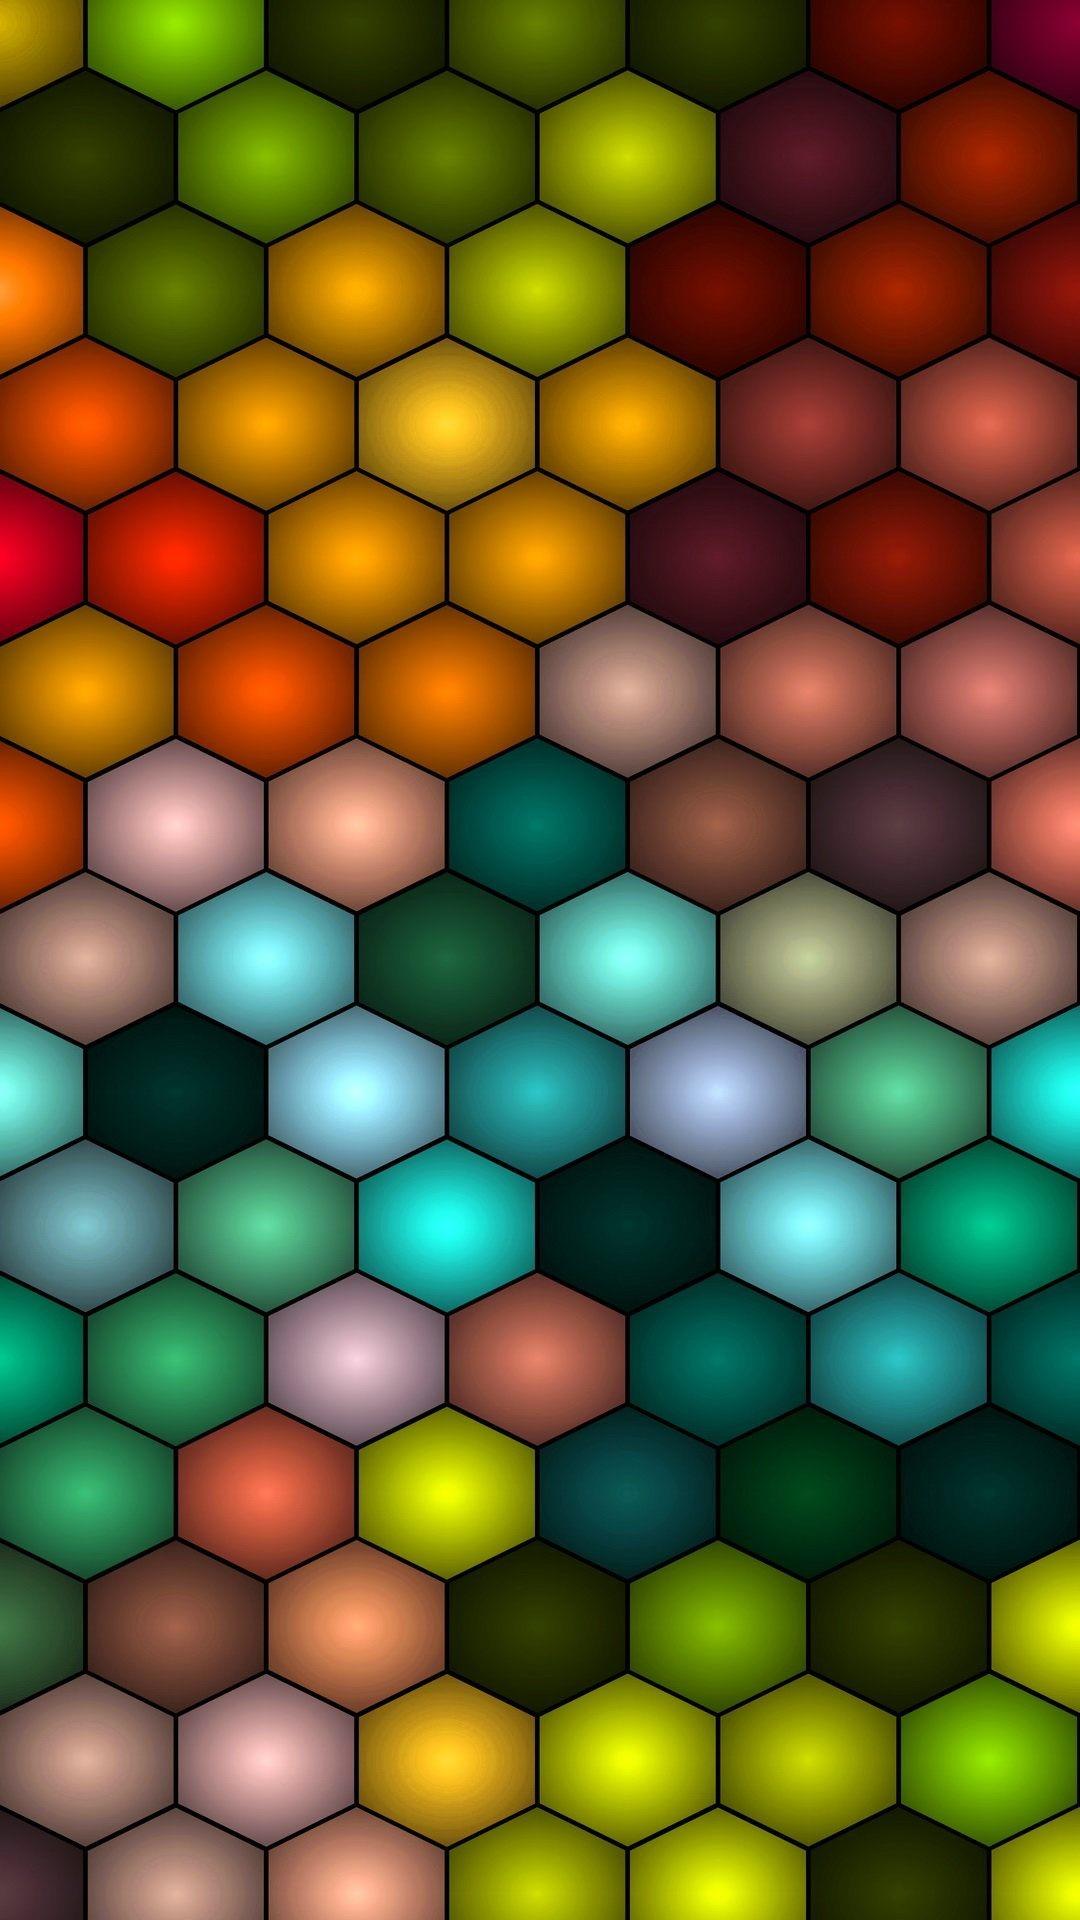 The Cross Hd Wallpaper Abstract Iphone Wallpaper Pixelstalk Net